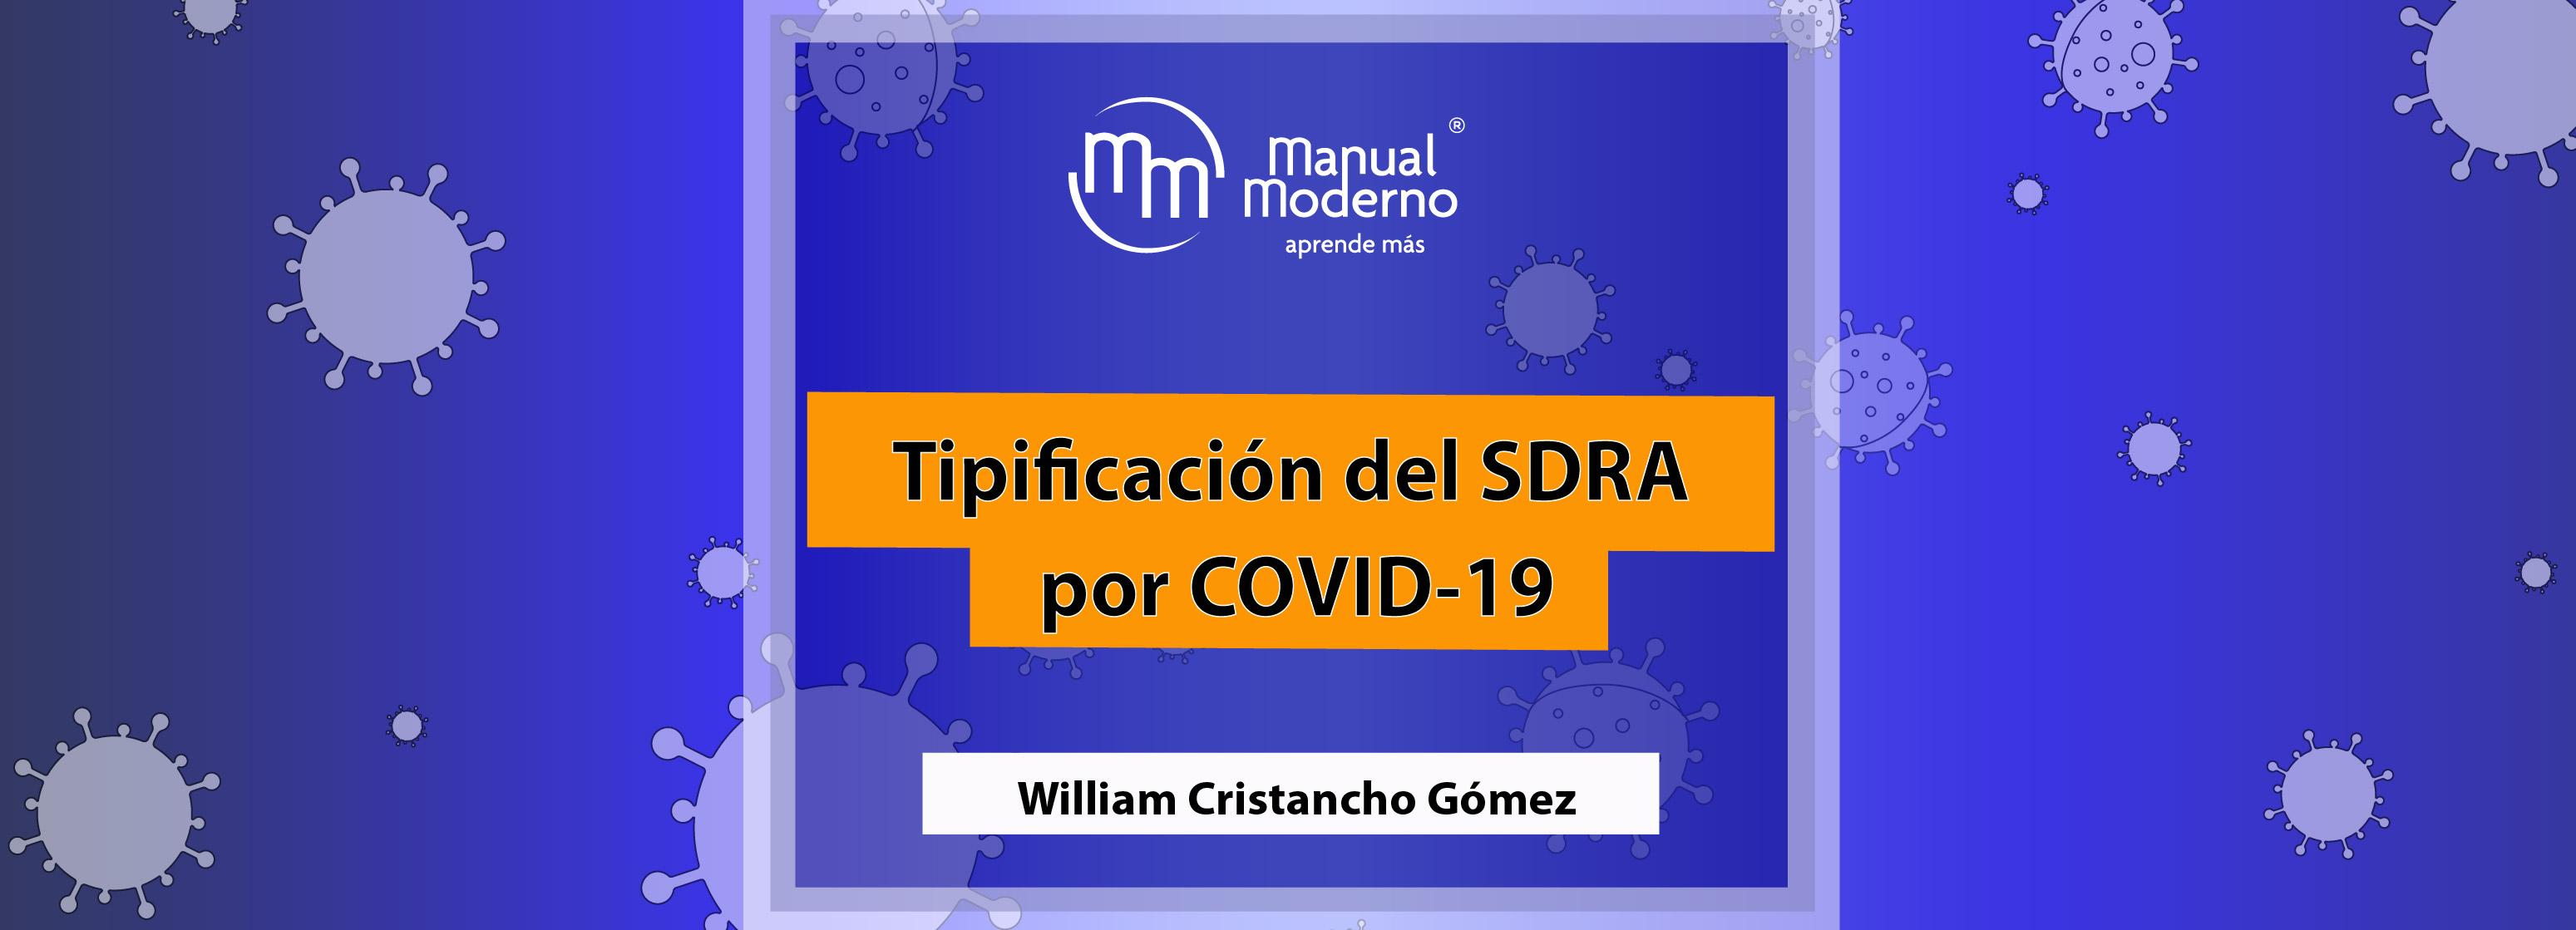 Tipificación del SDRA por COVID-19